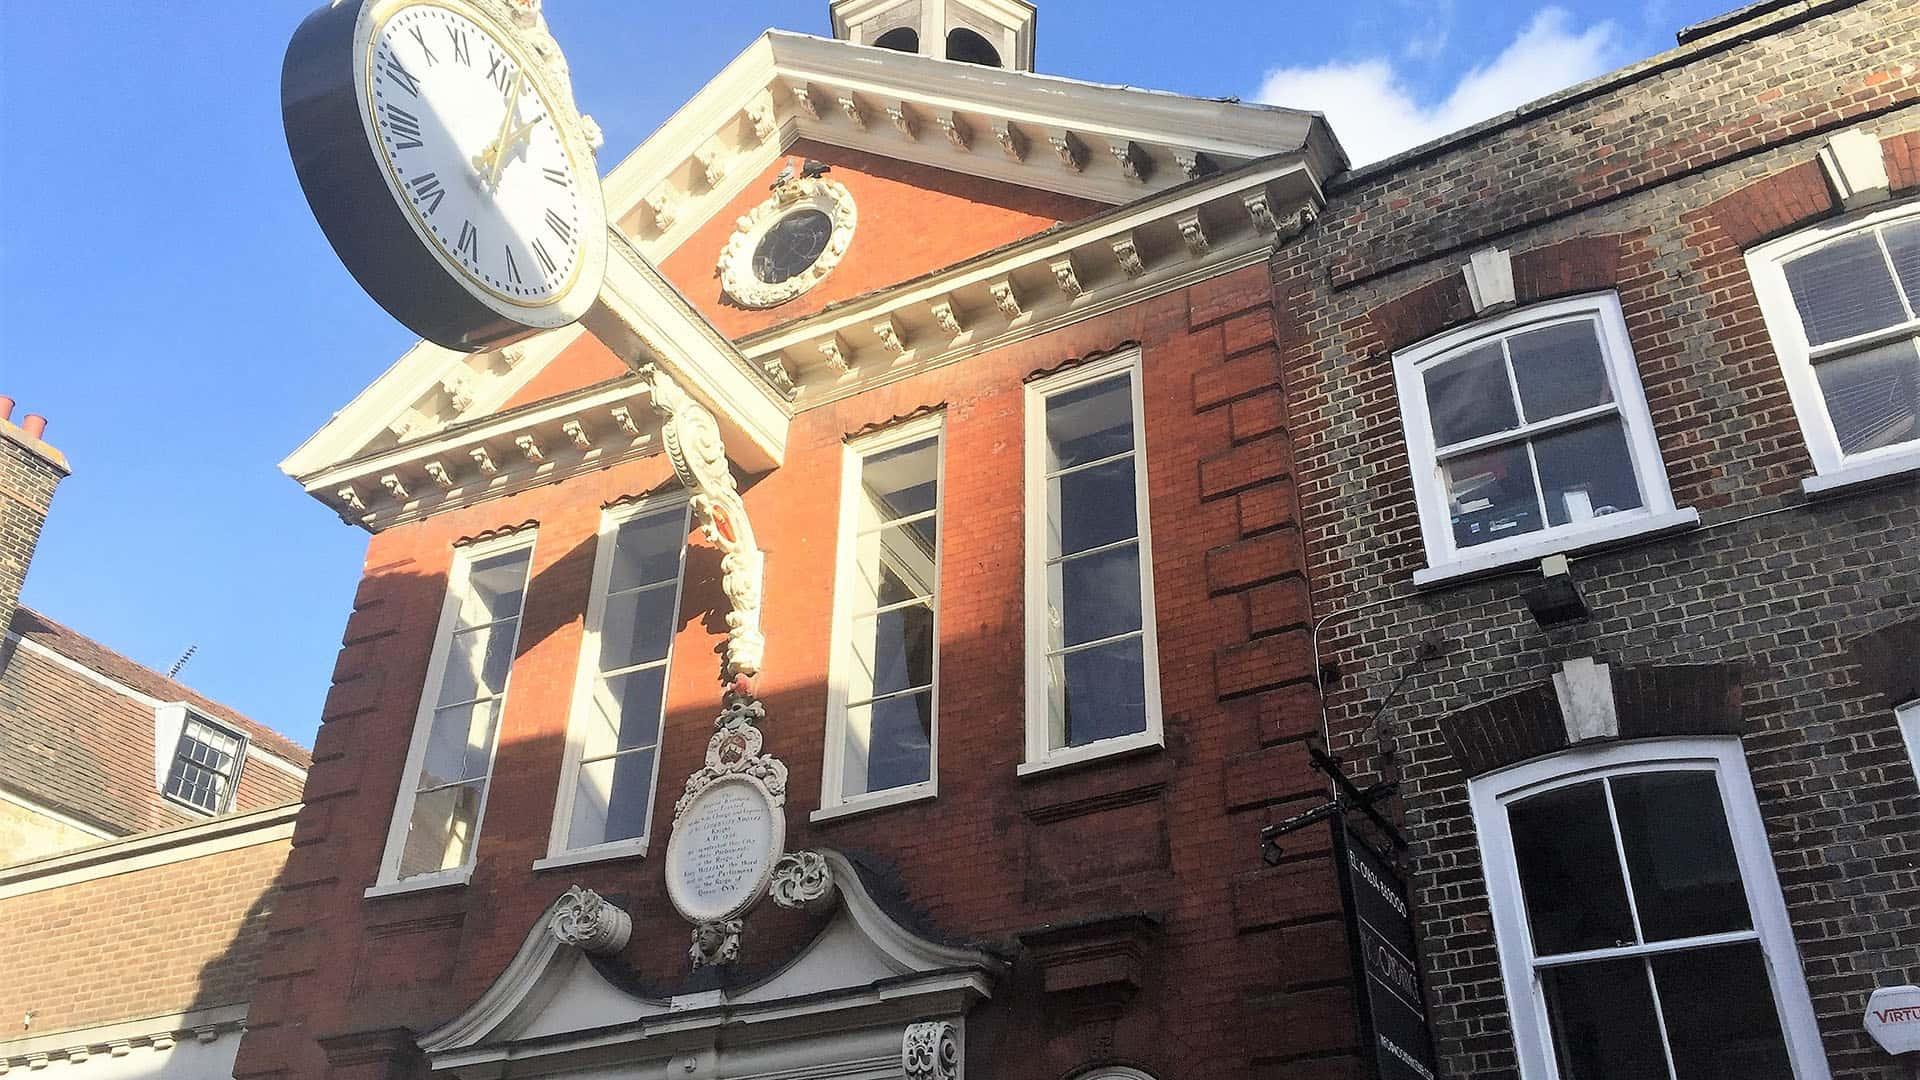 Clock in Rochester City Centre